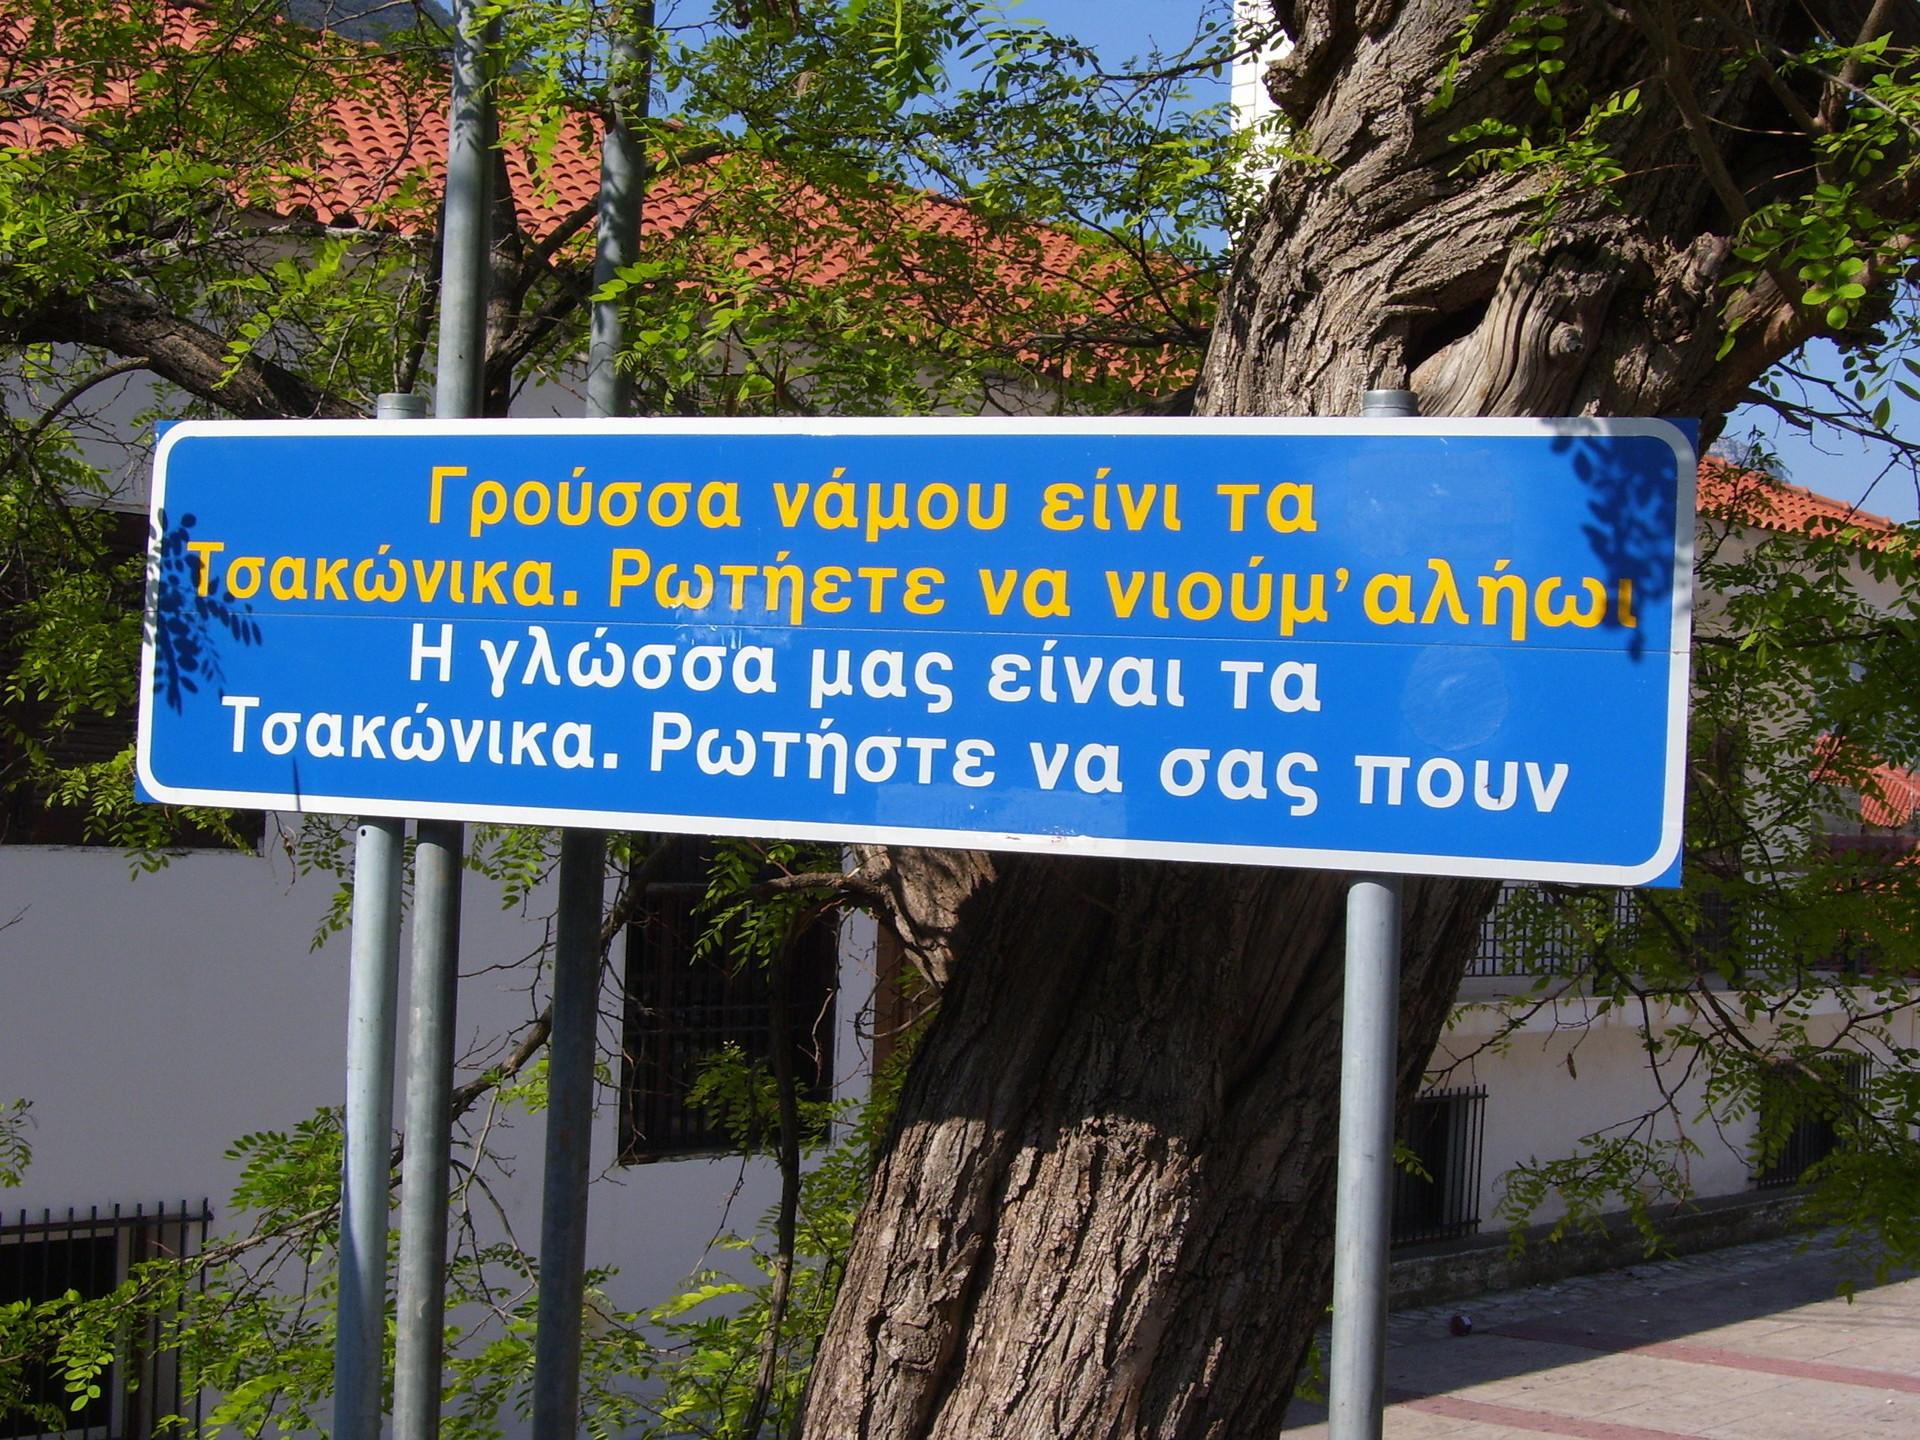 Les ambivalences sur la Grèce